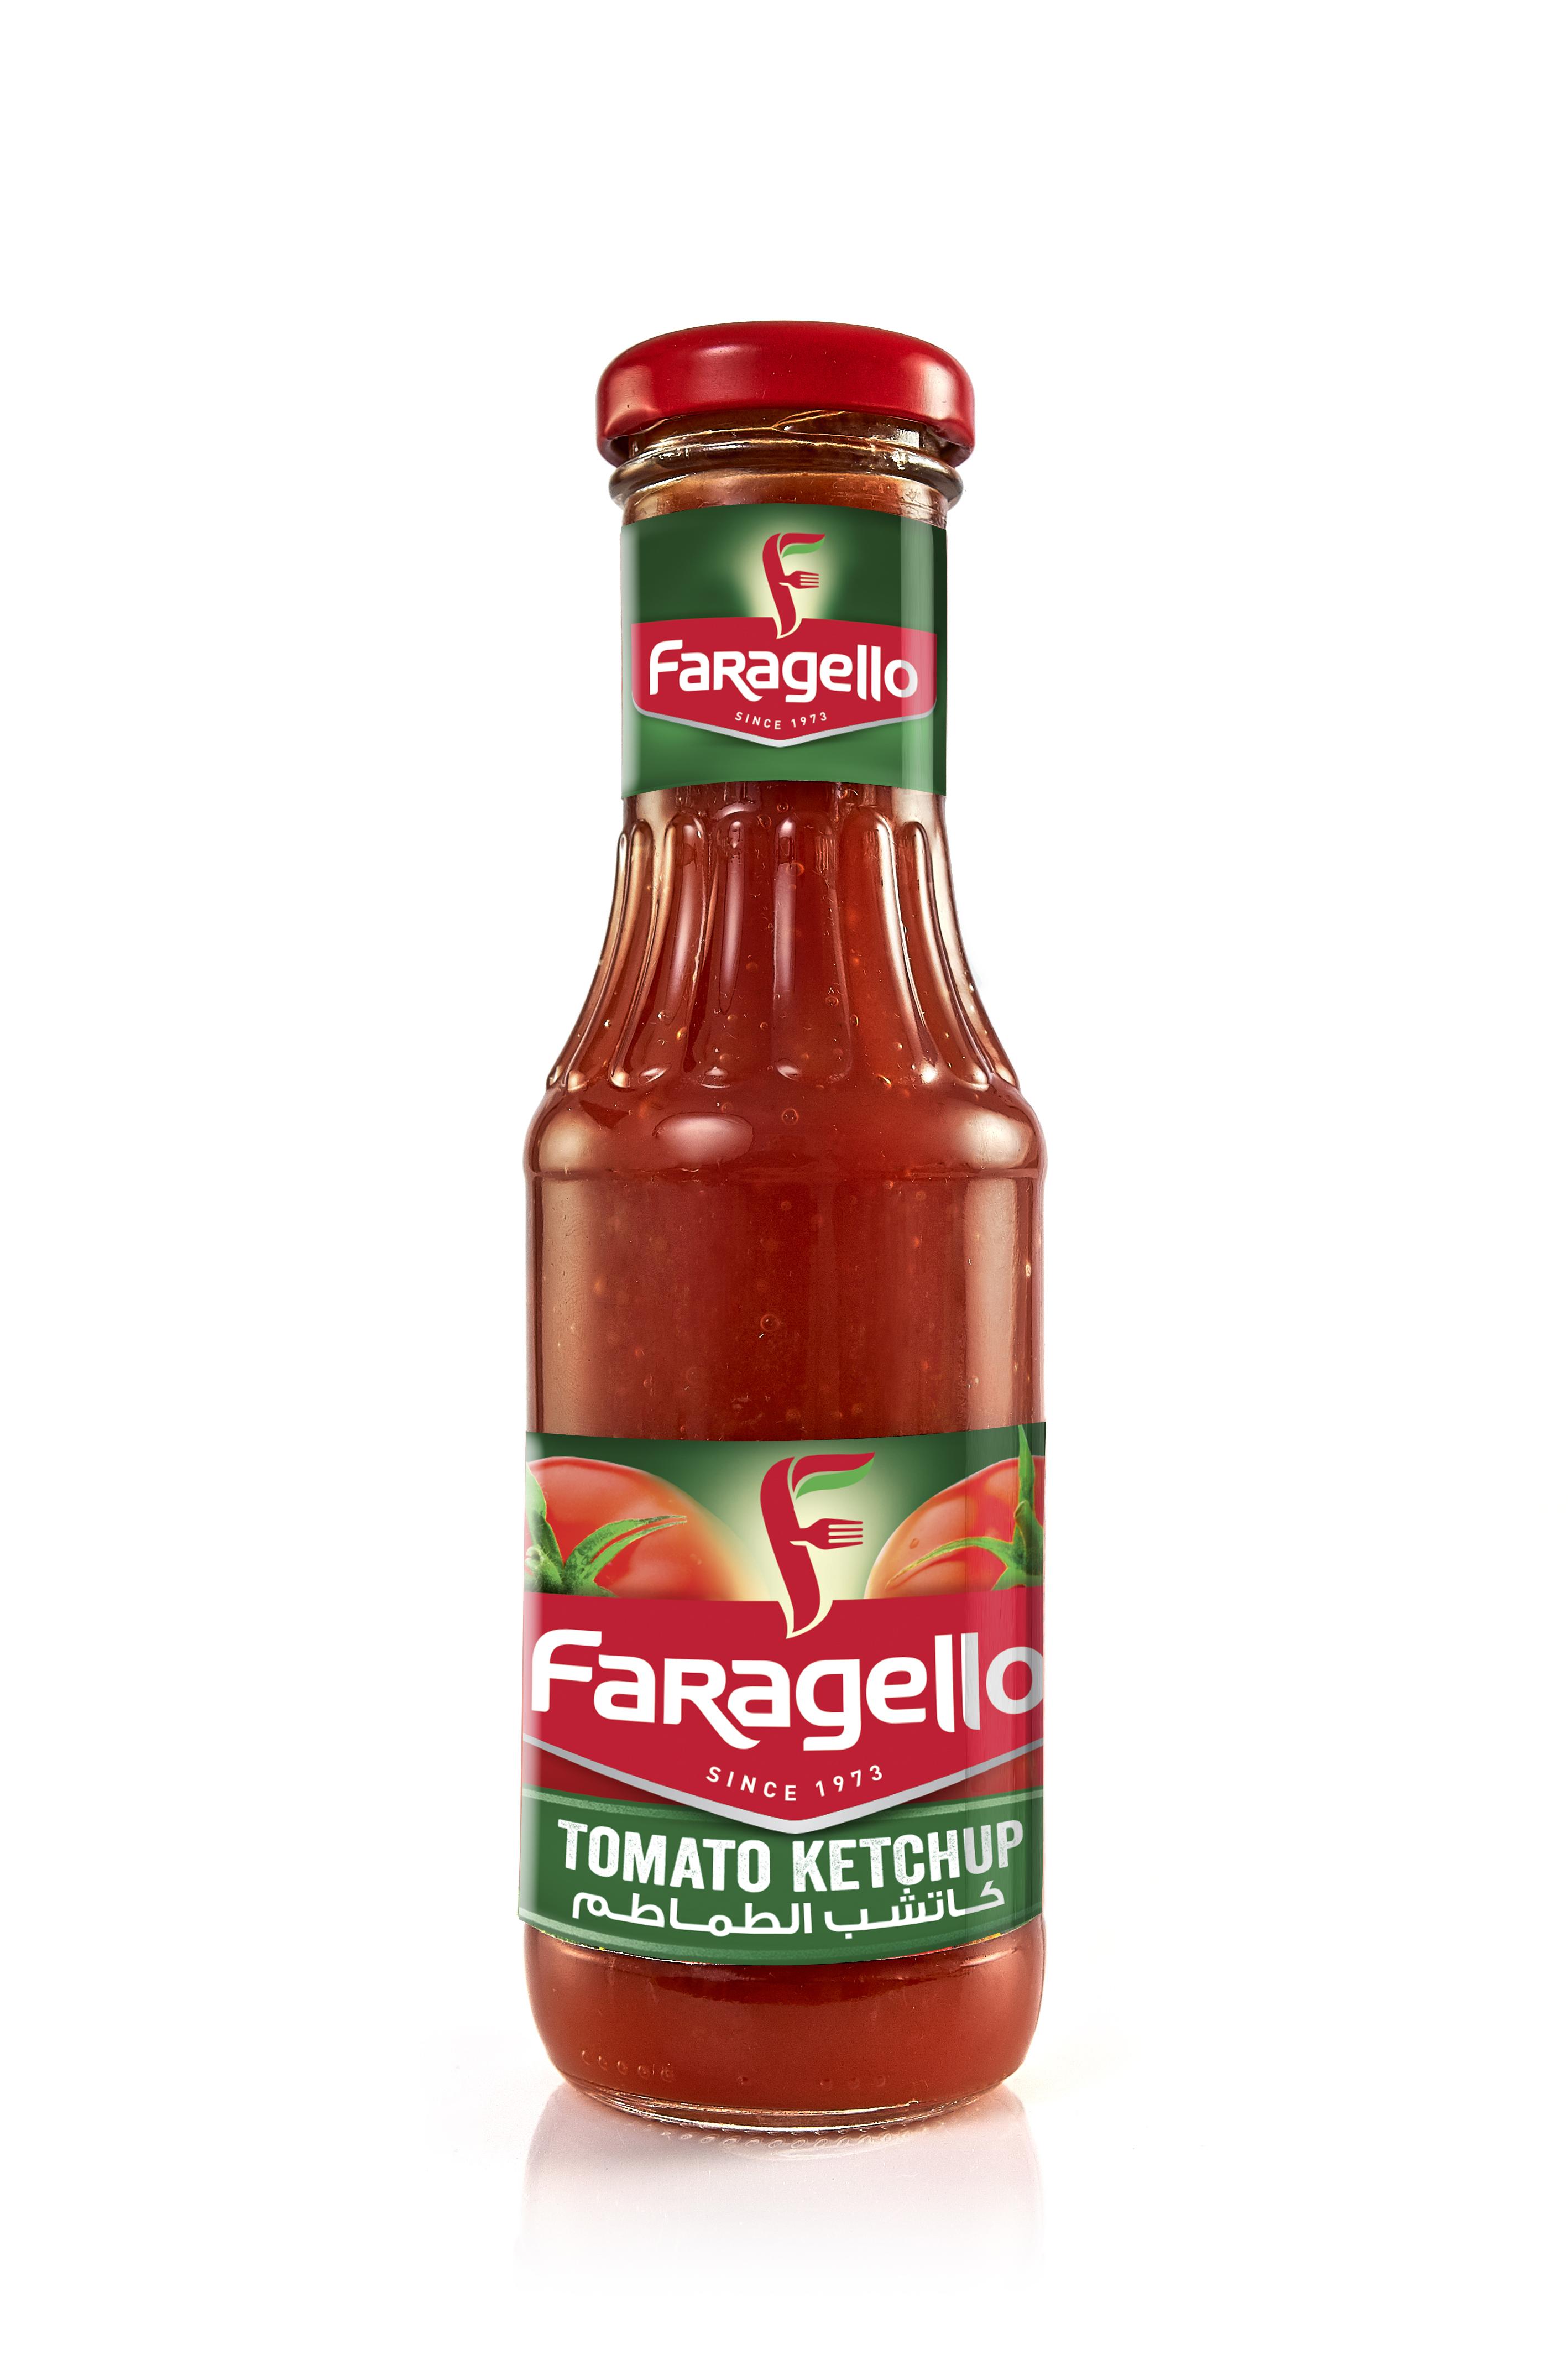 Original Tomato Ketchup